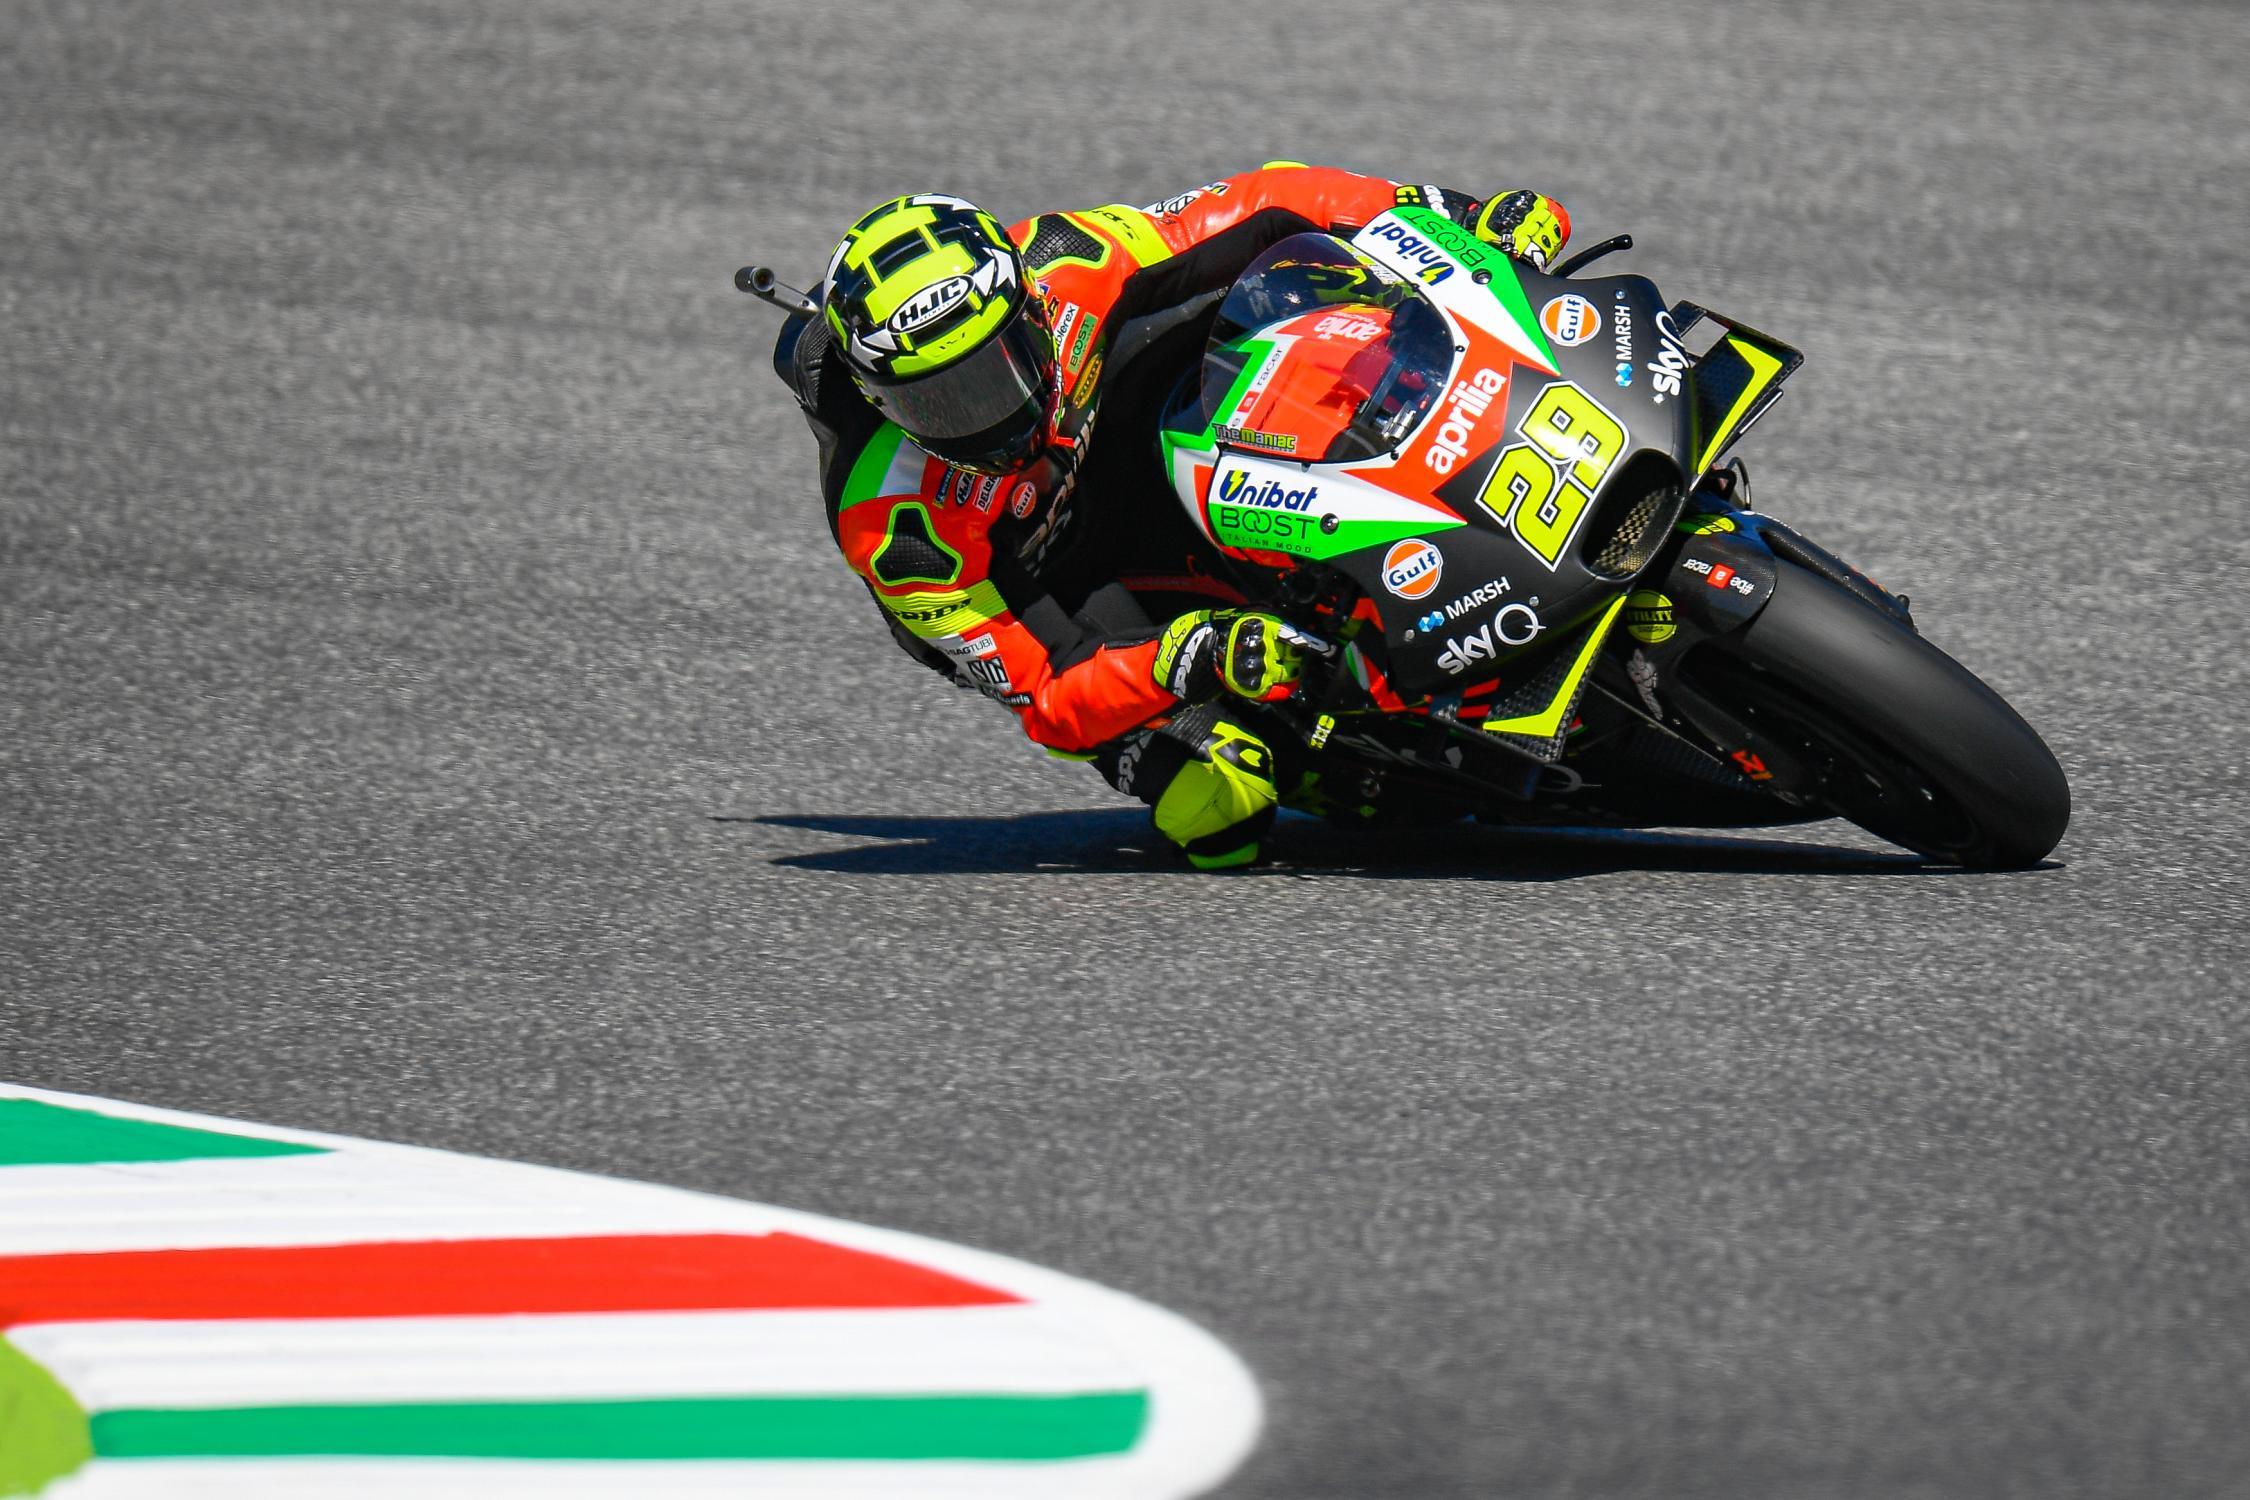 Výsledky kvalifikací MotoGP Itálie 2019